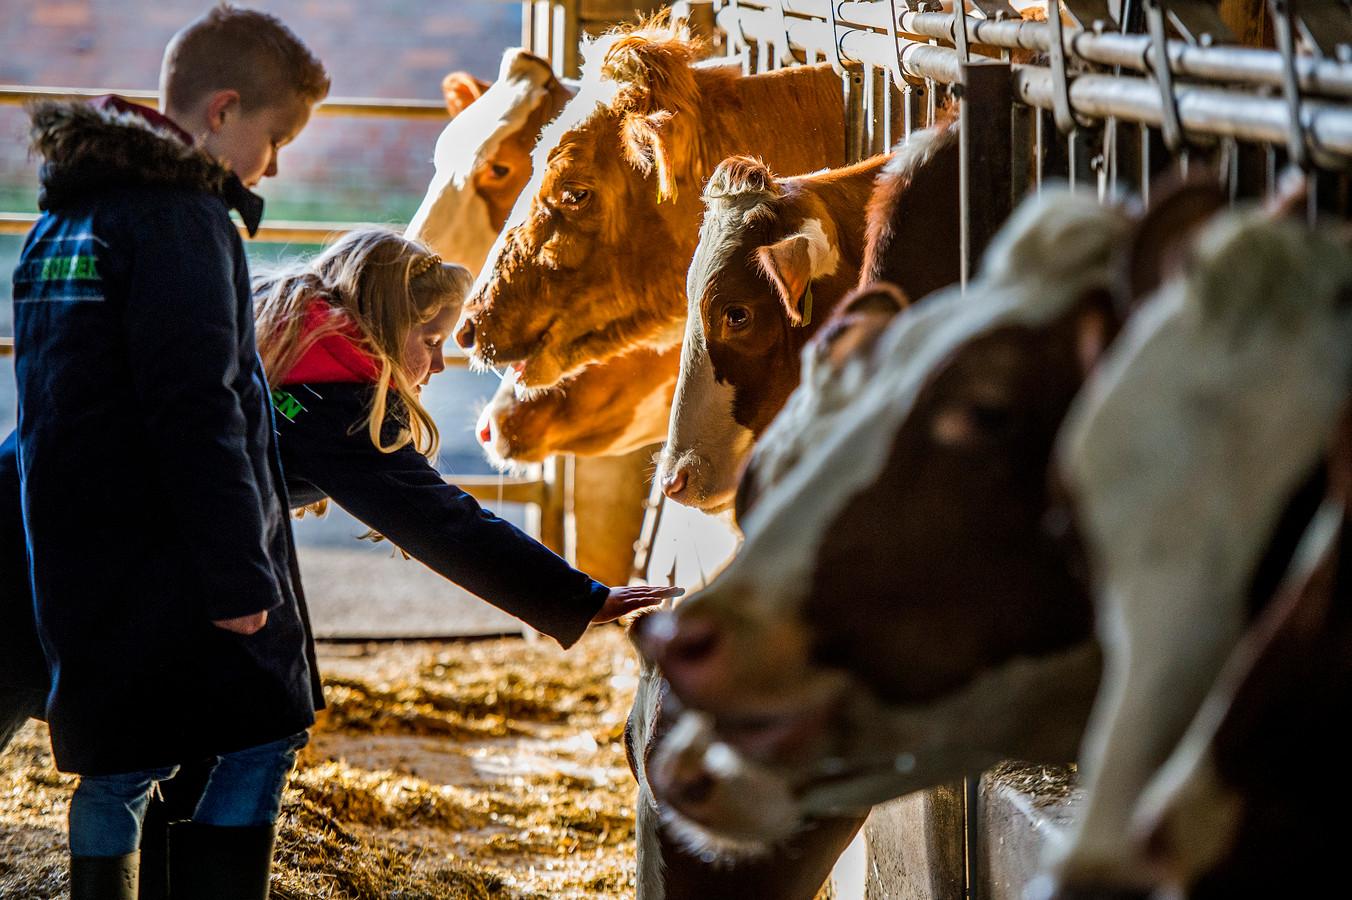 Kinderen uit groep 5a van basisschool De Polderhof uit Oss nemen een kijkje op de boerderij. Dat moet in Zeeland ook vaker gebeuren.